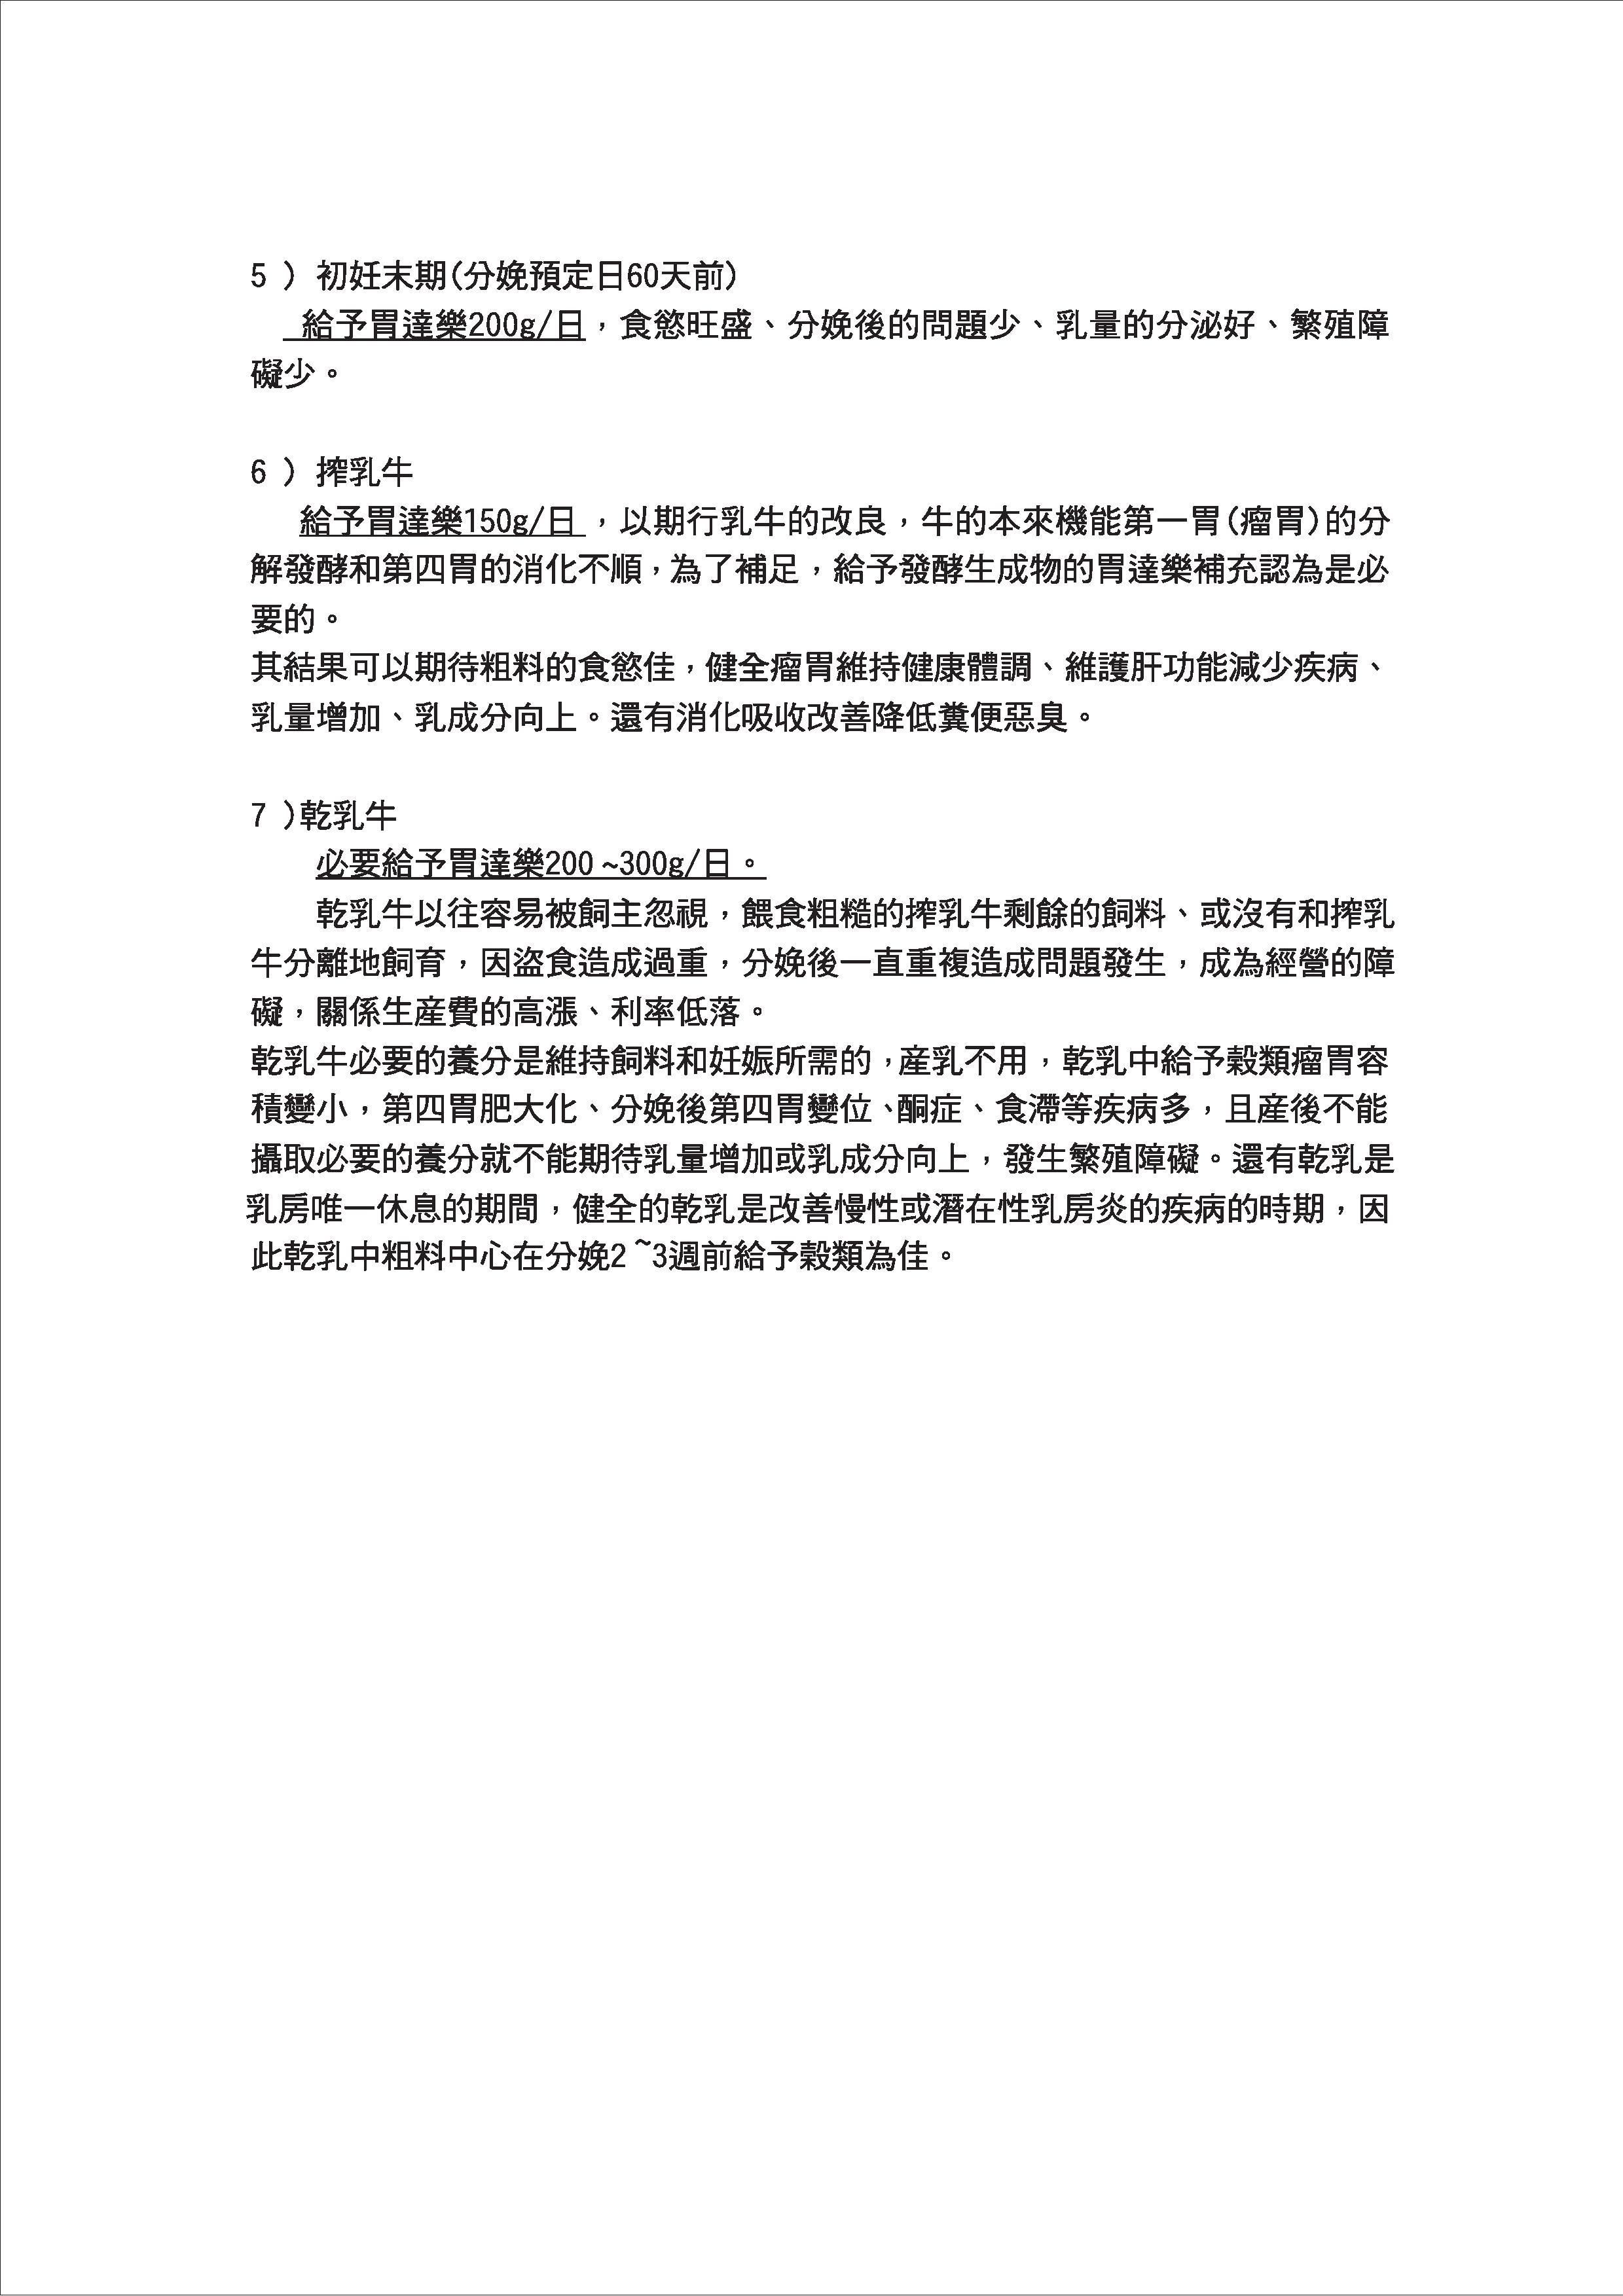 HV手冊1000712 (10)